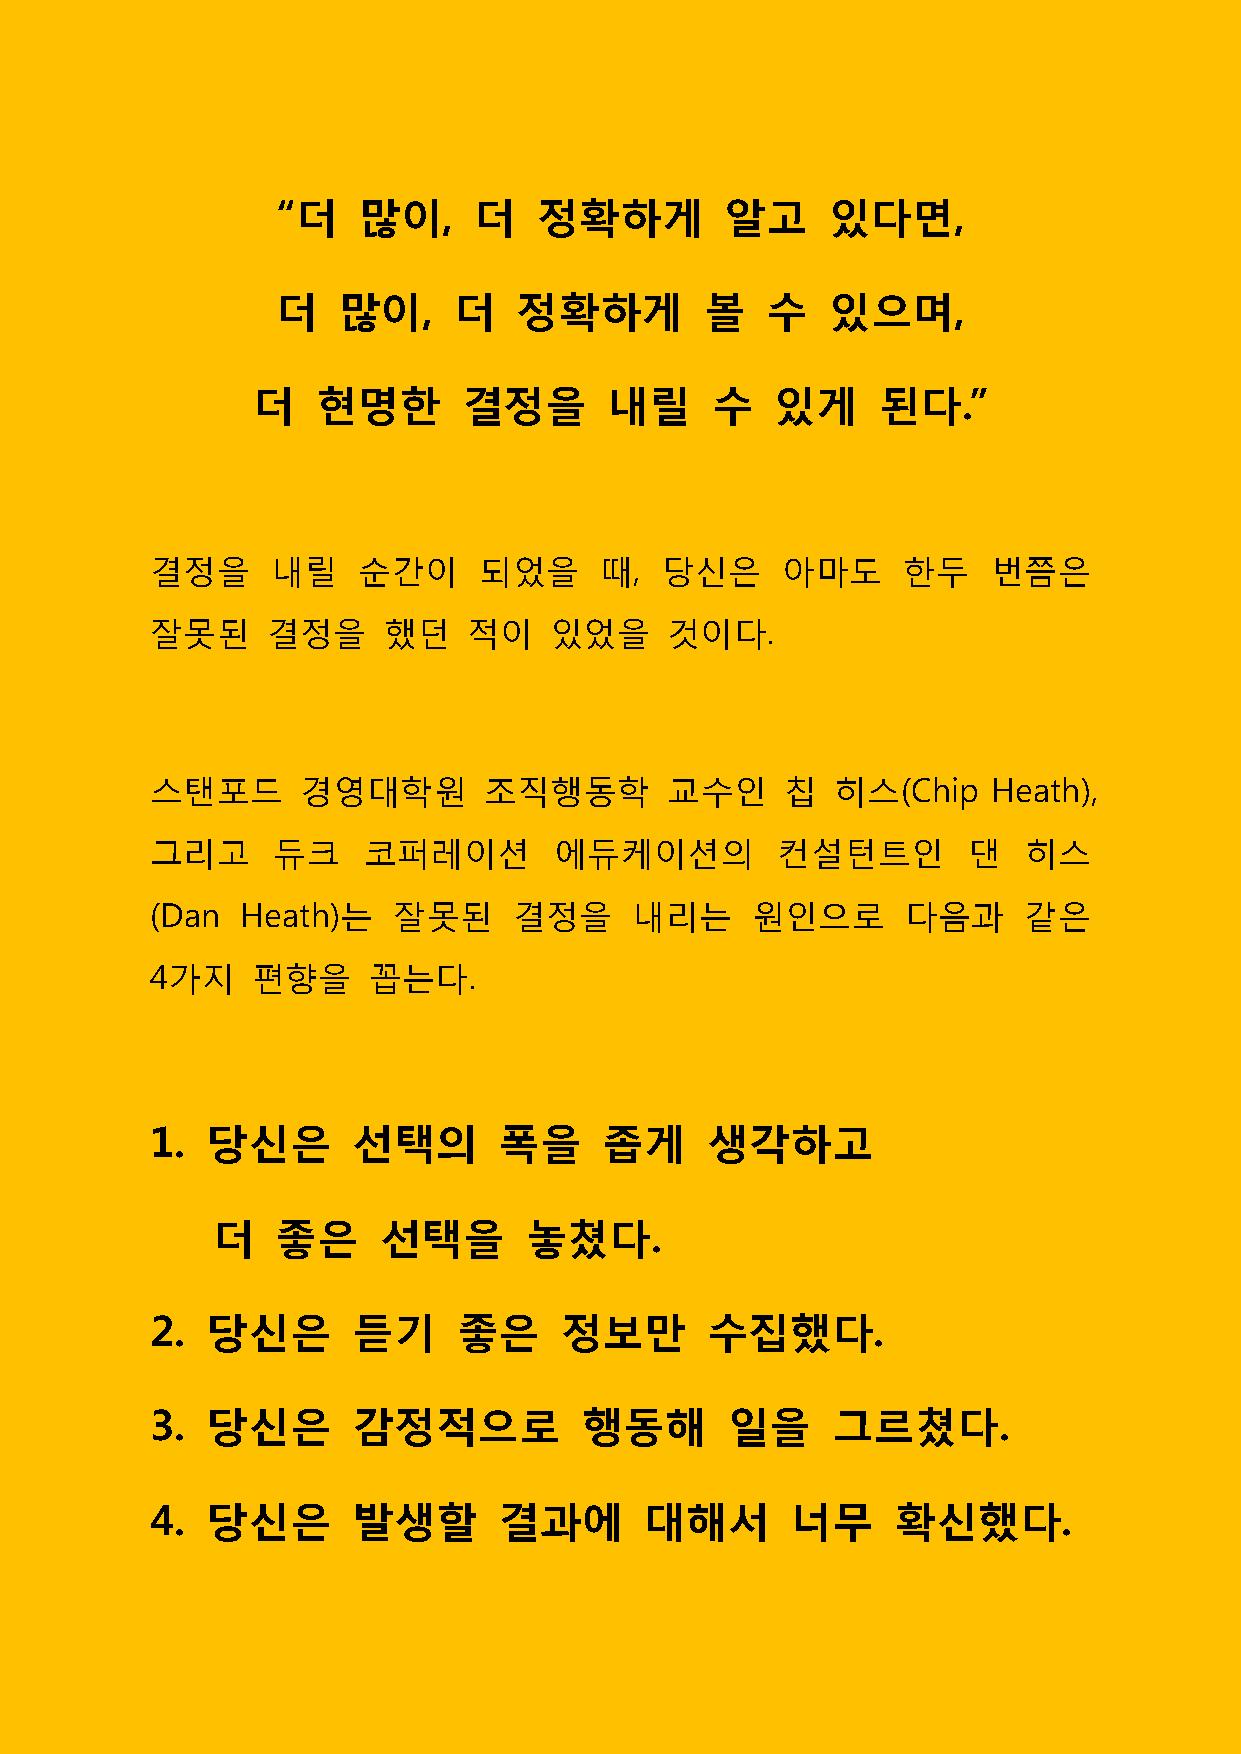 라이트닝_Page_11.png